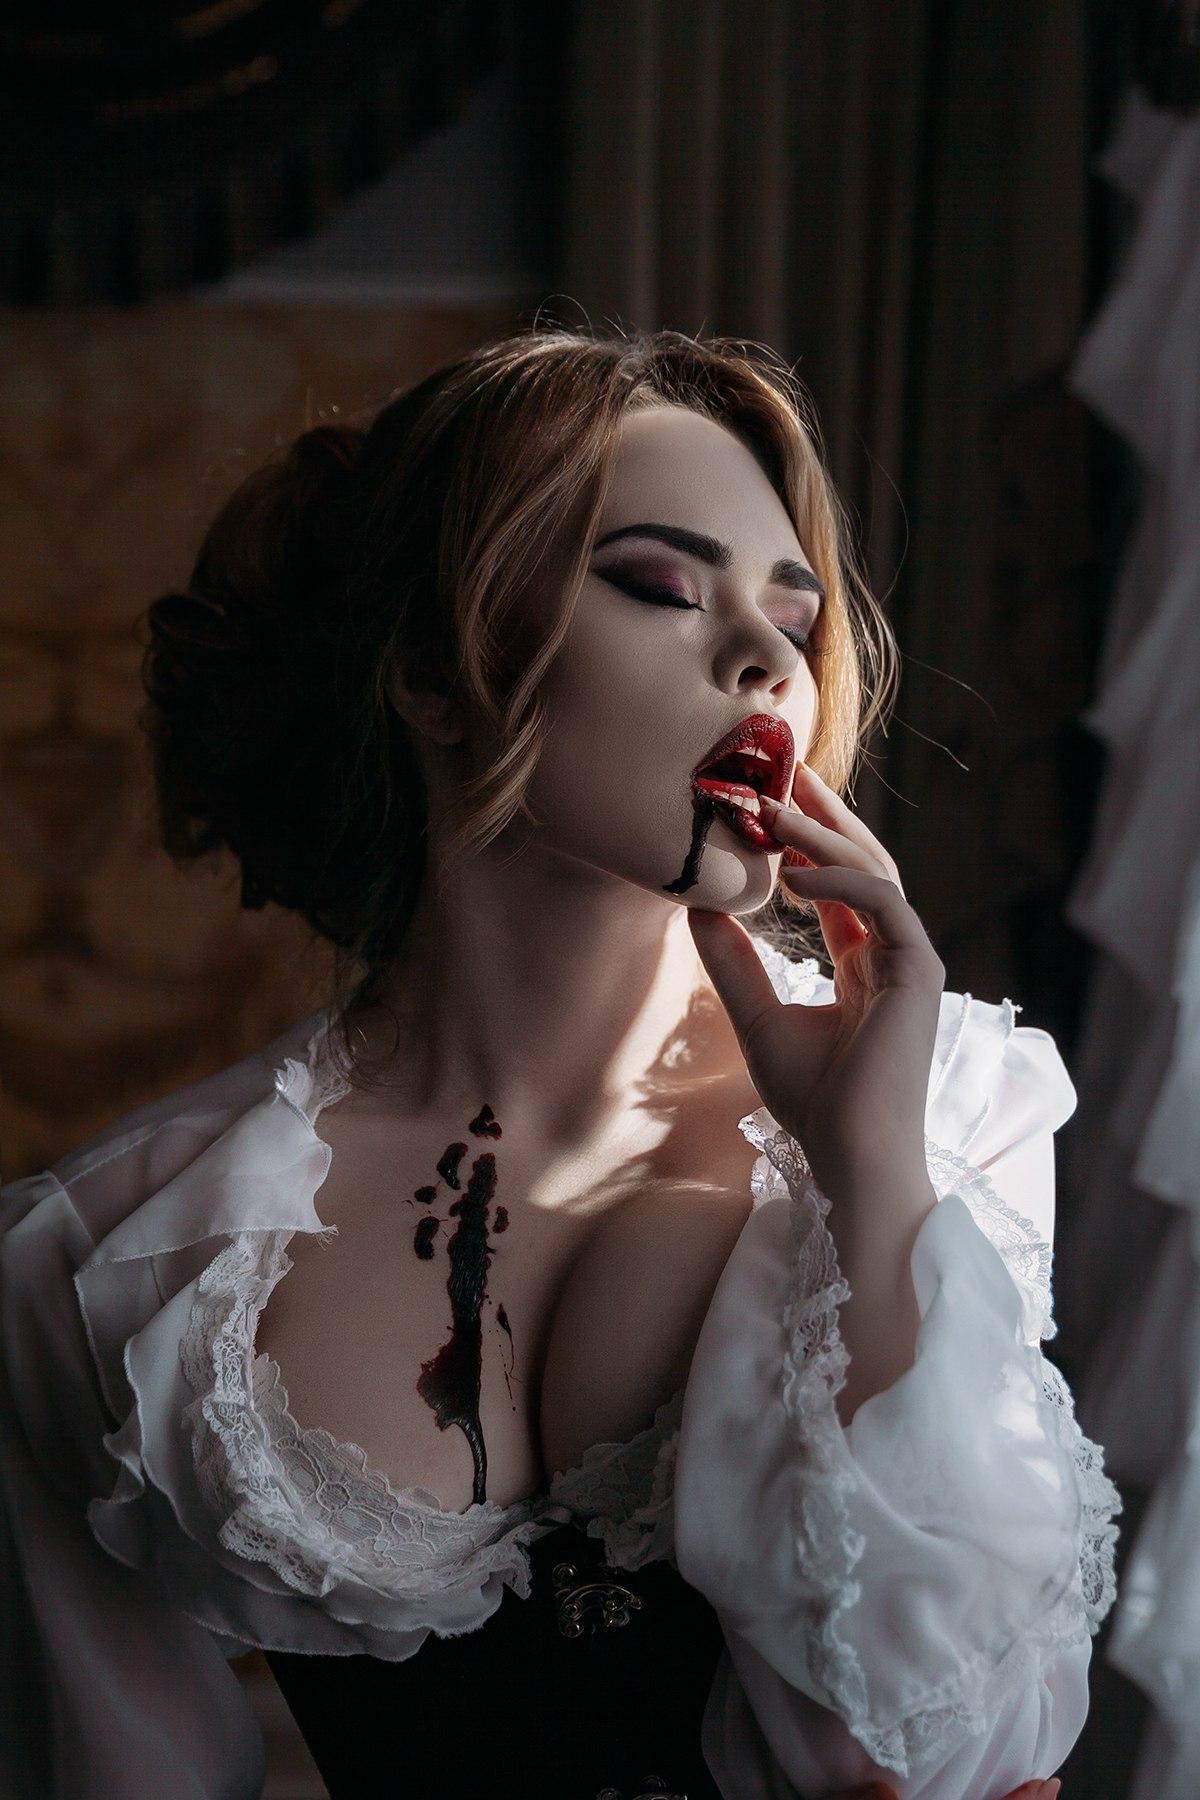 фото красивых вампиров девушек